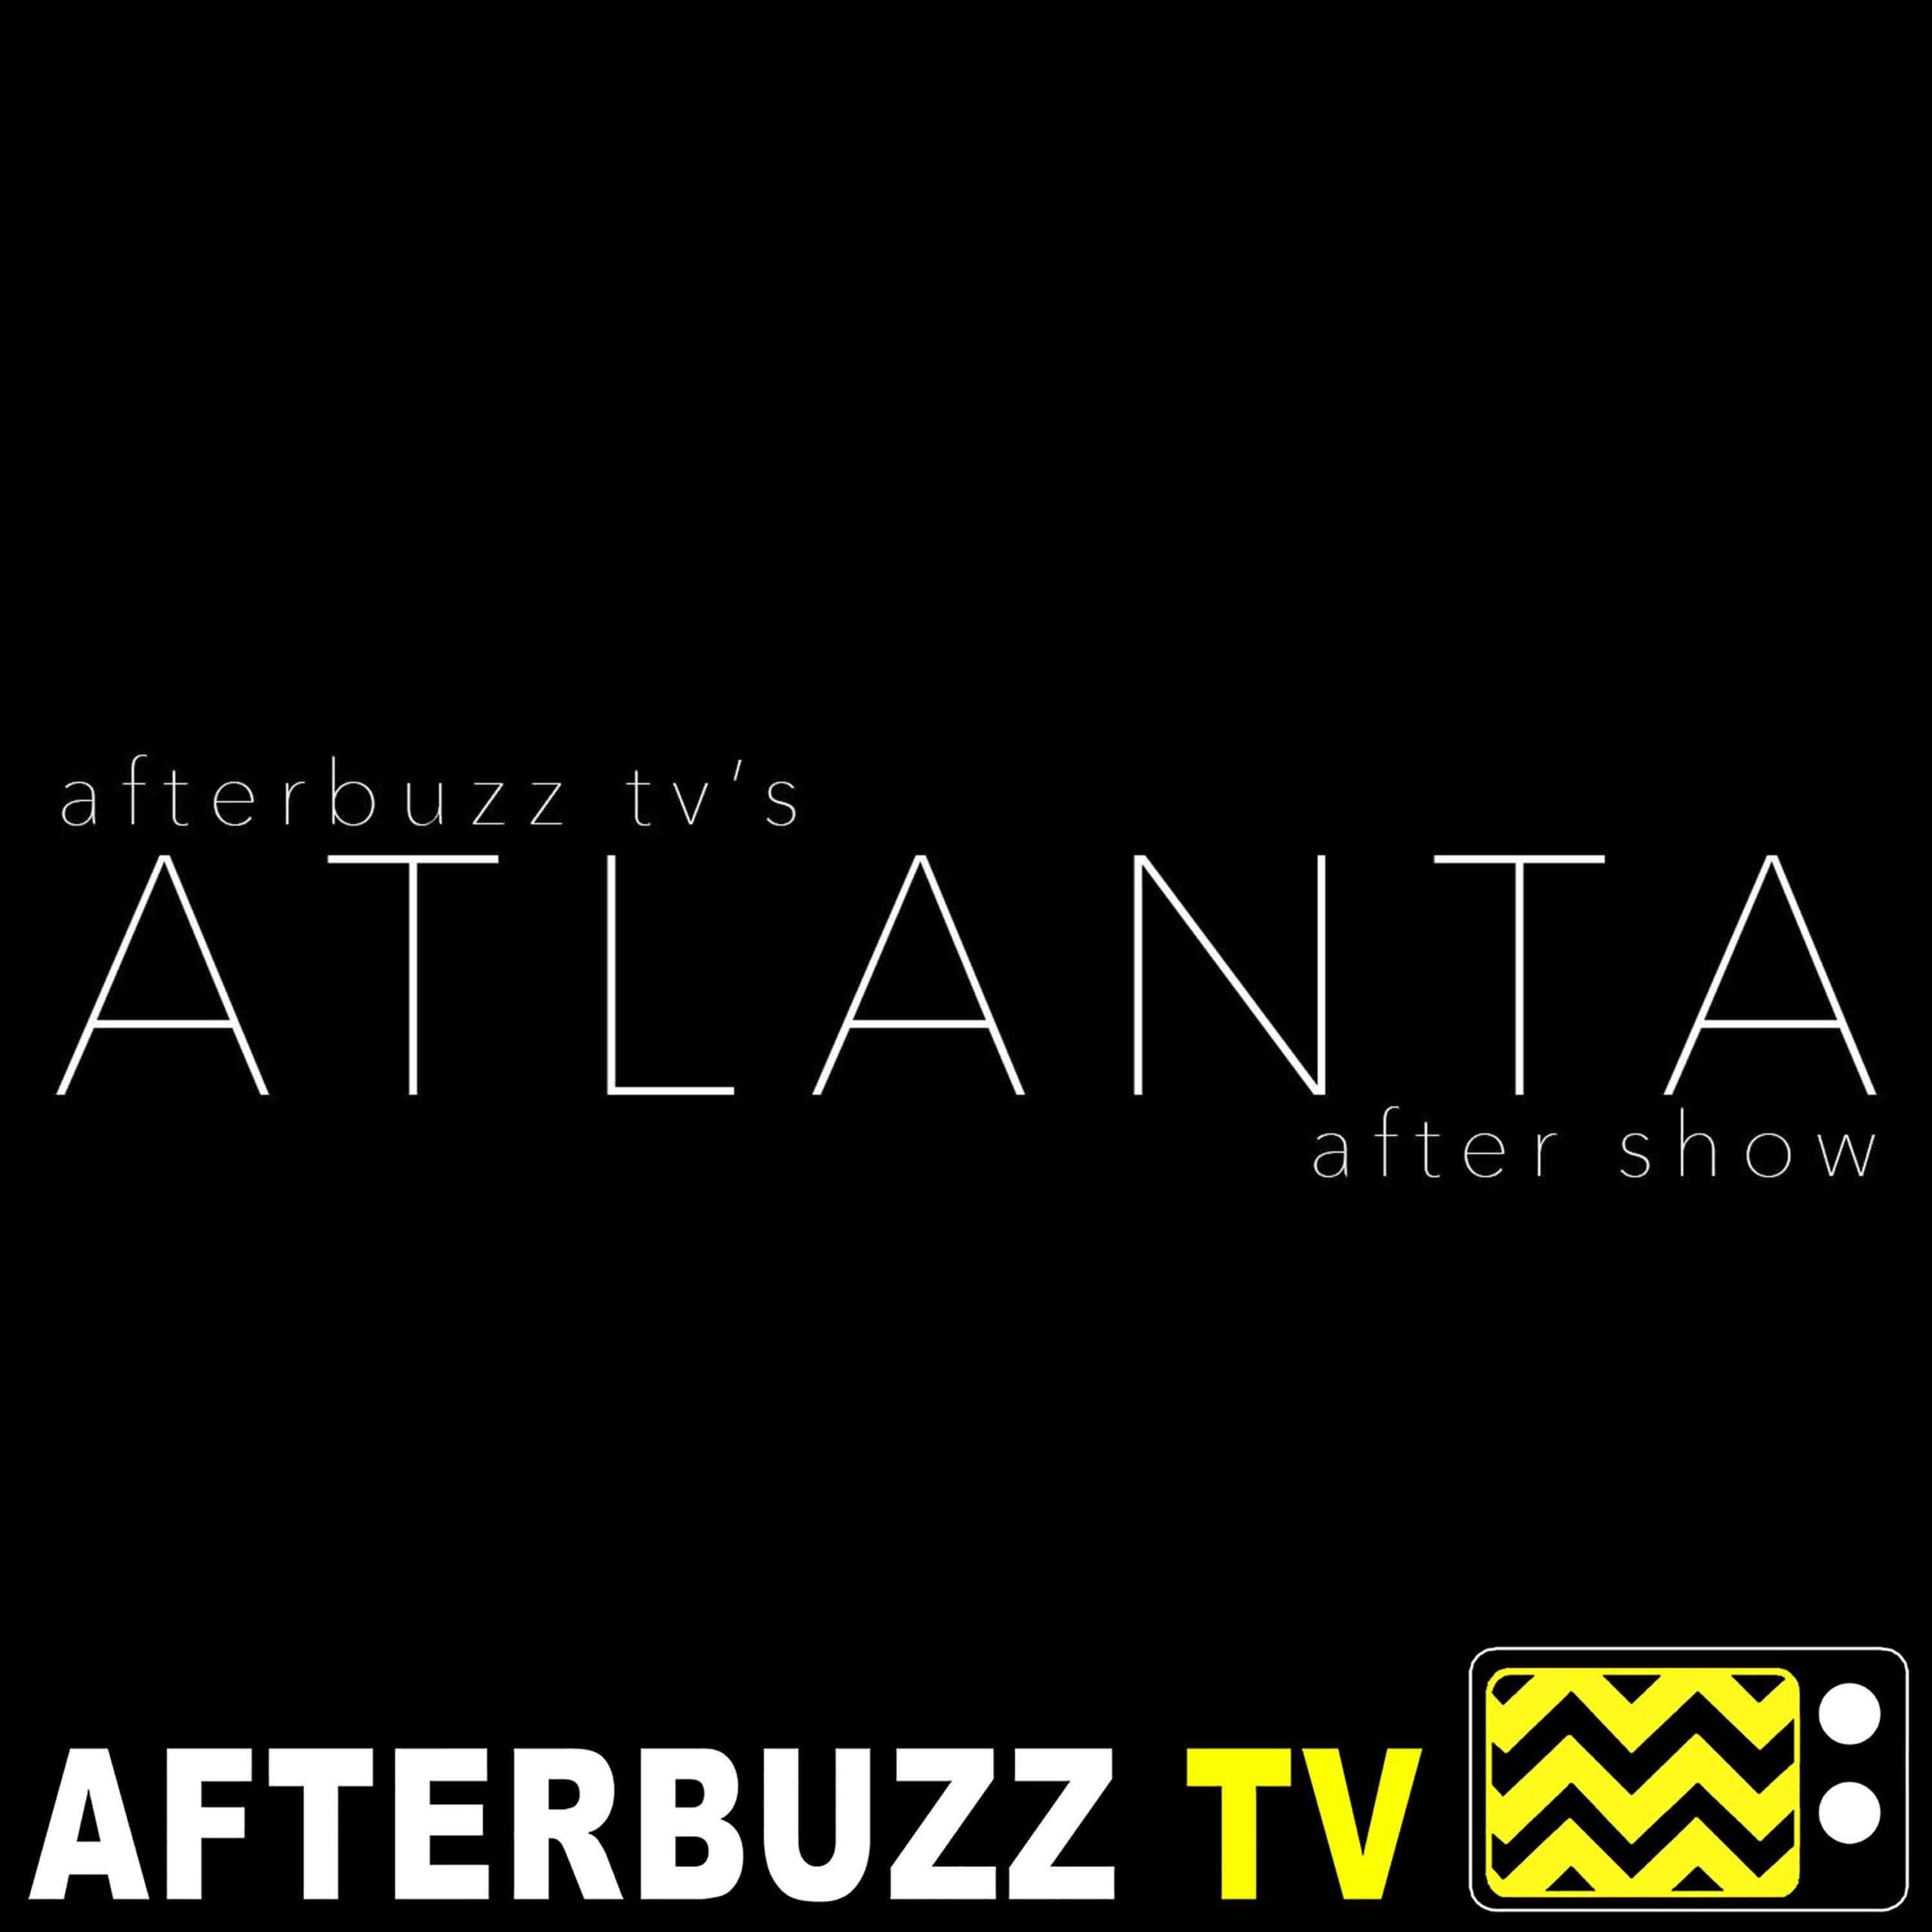 Atlanta S:2 | Crabs in a Barrel E:11 | AfterBuzz TV AfterShow